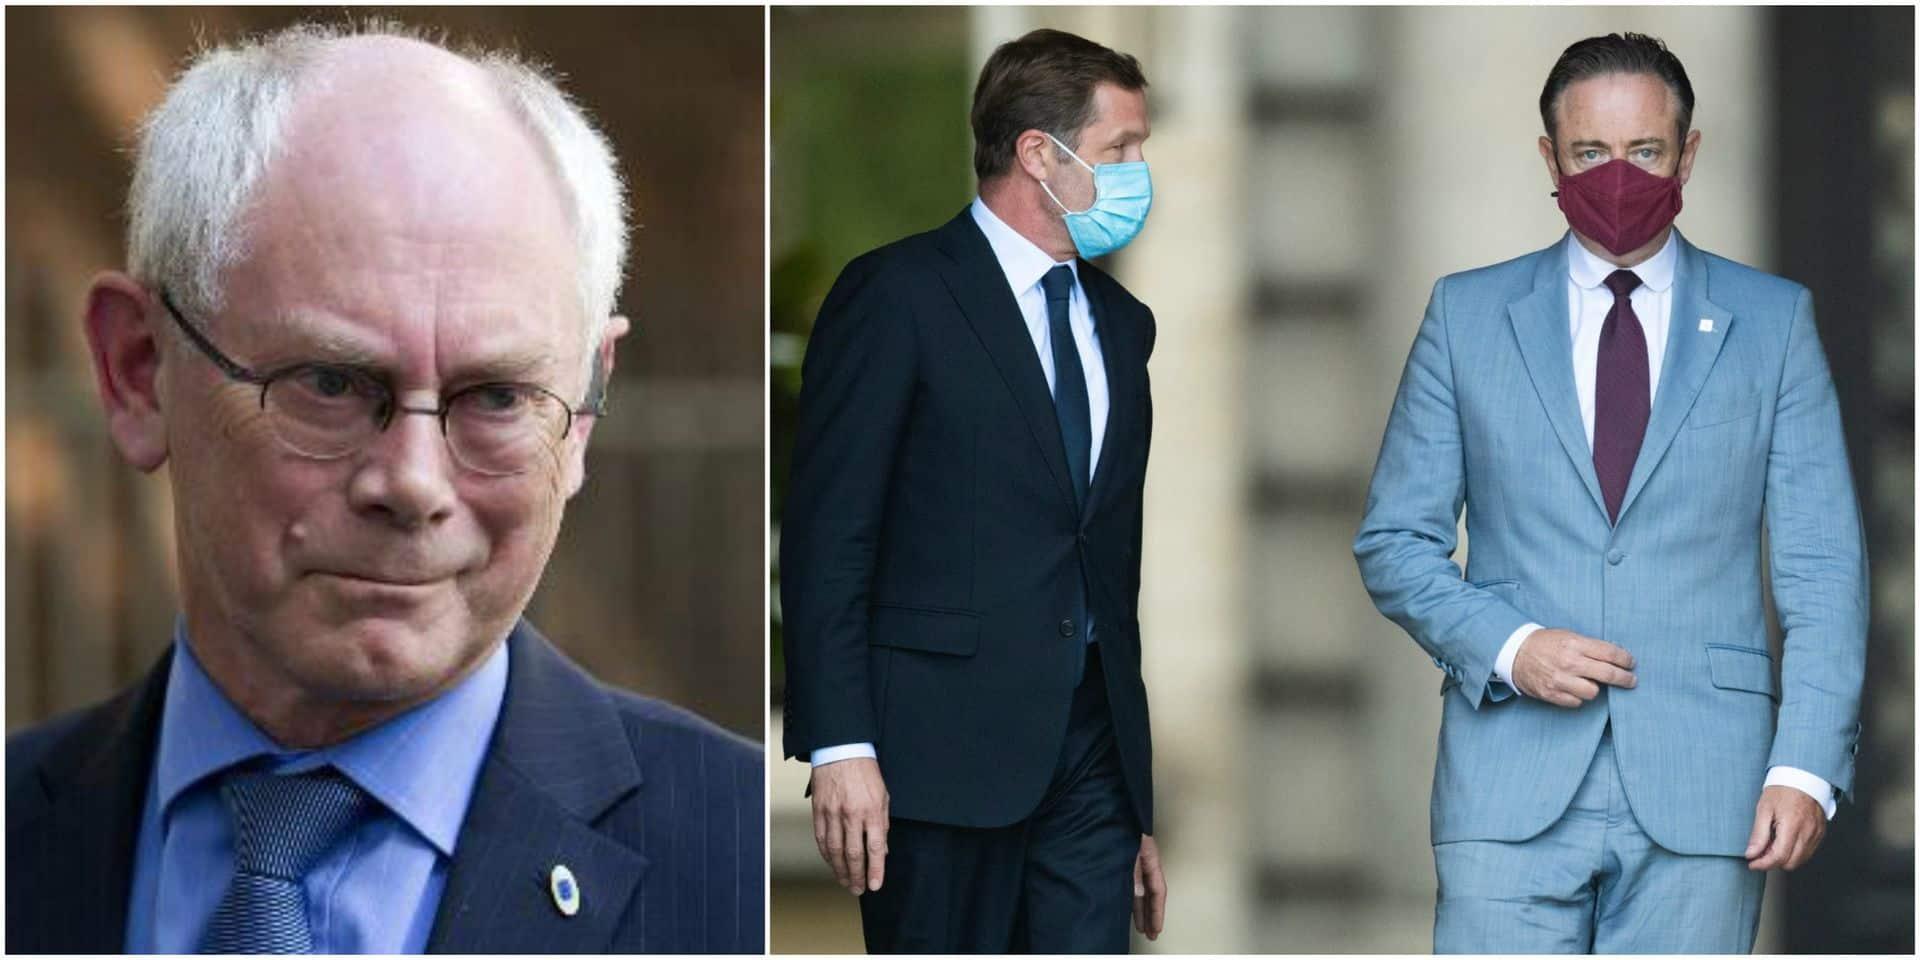 Le Roi à la recherche d'un démineur : le retour d'Herman Van Rompuy ?